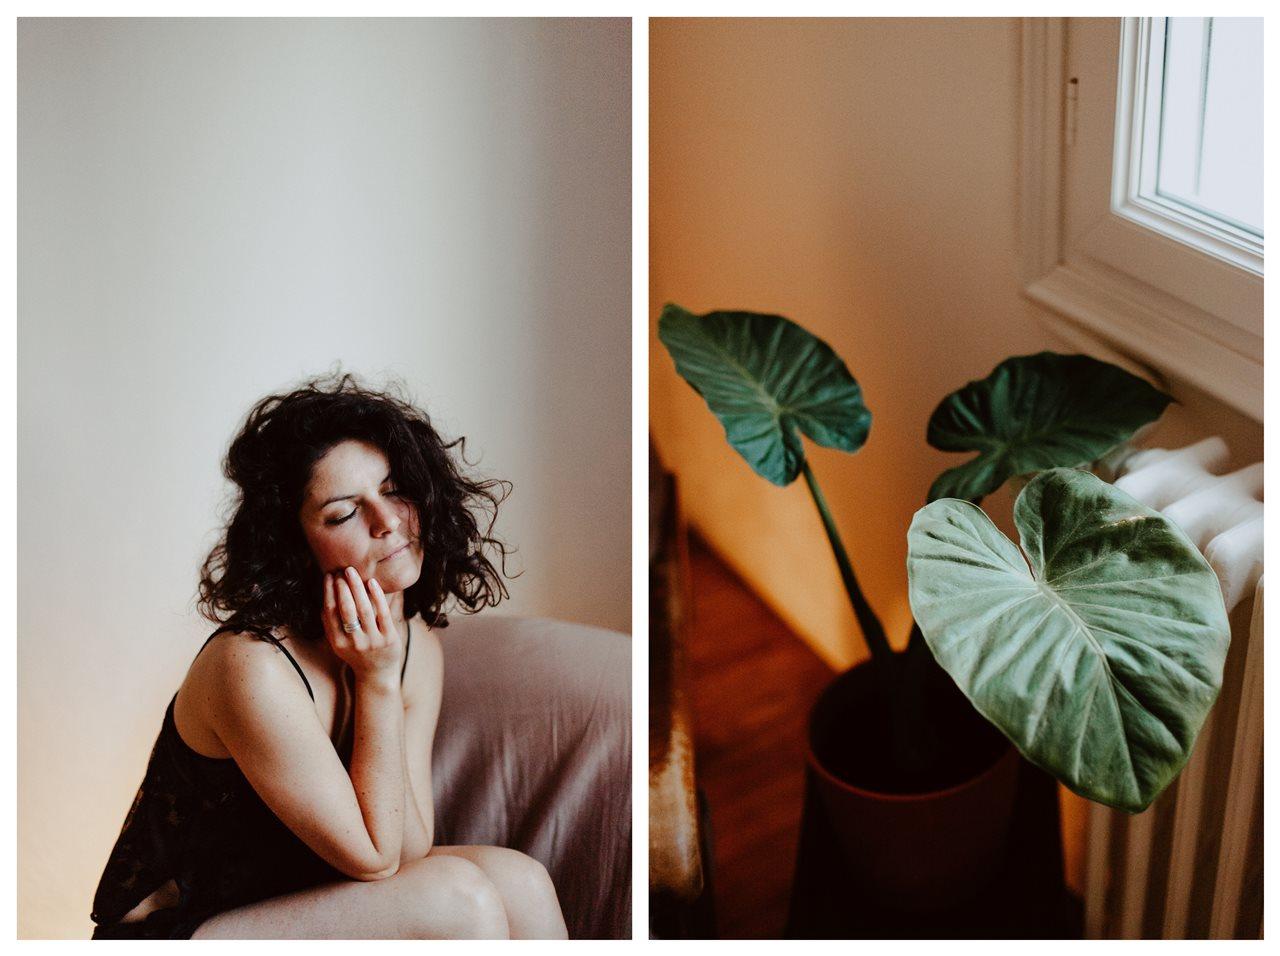 séance portrait femme intimiste cocooning ressenti plantes